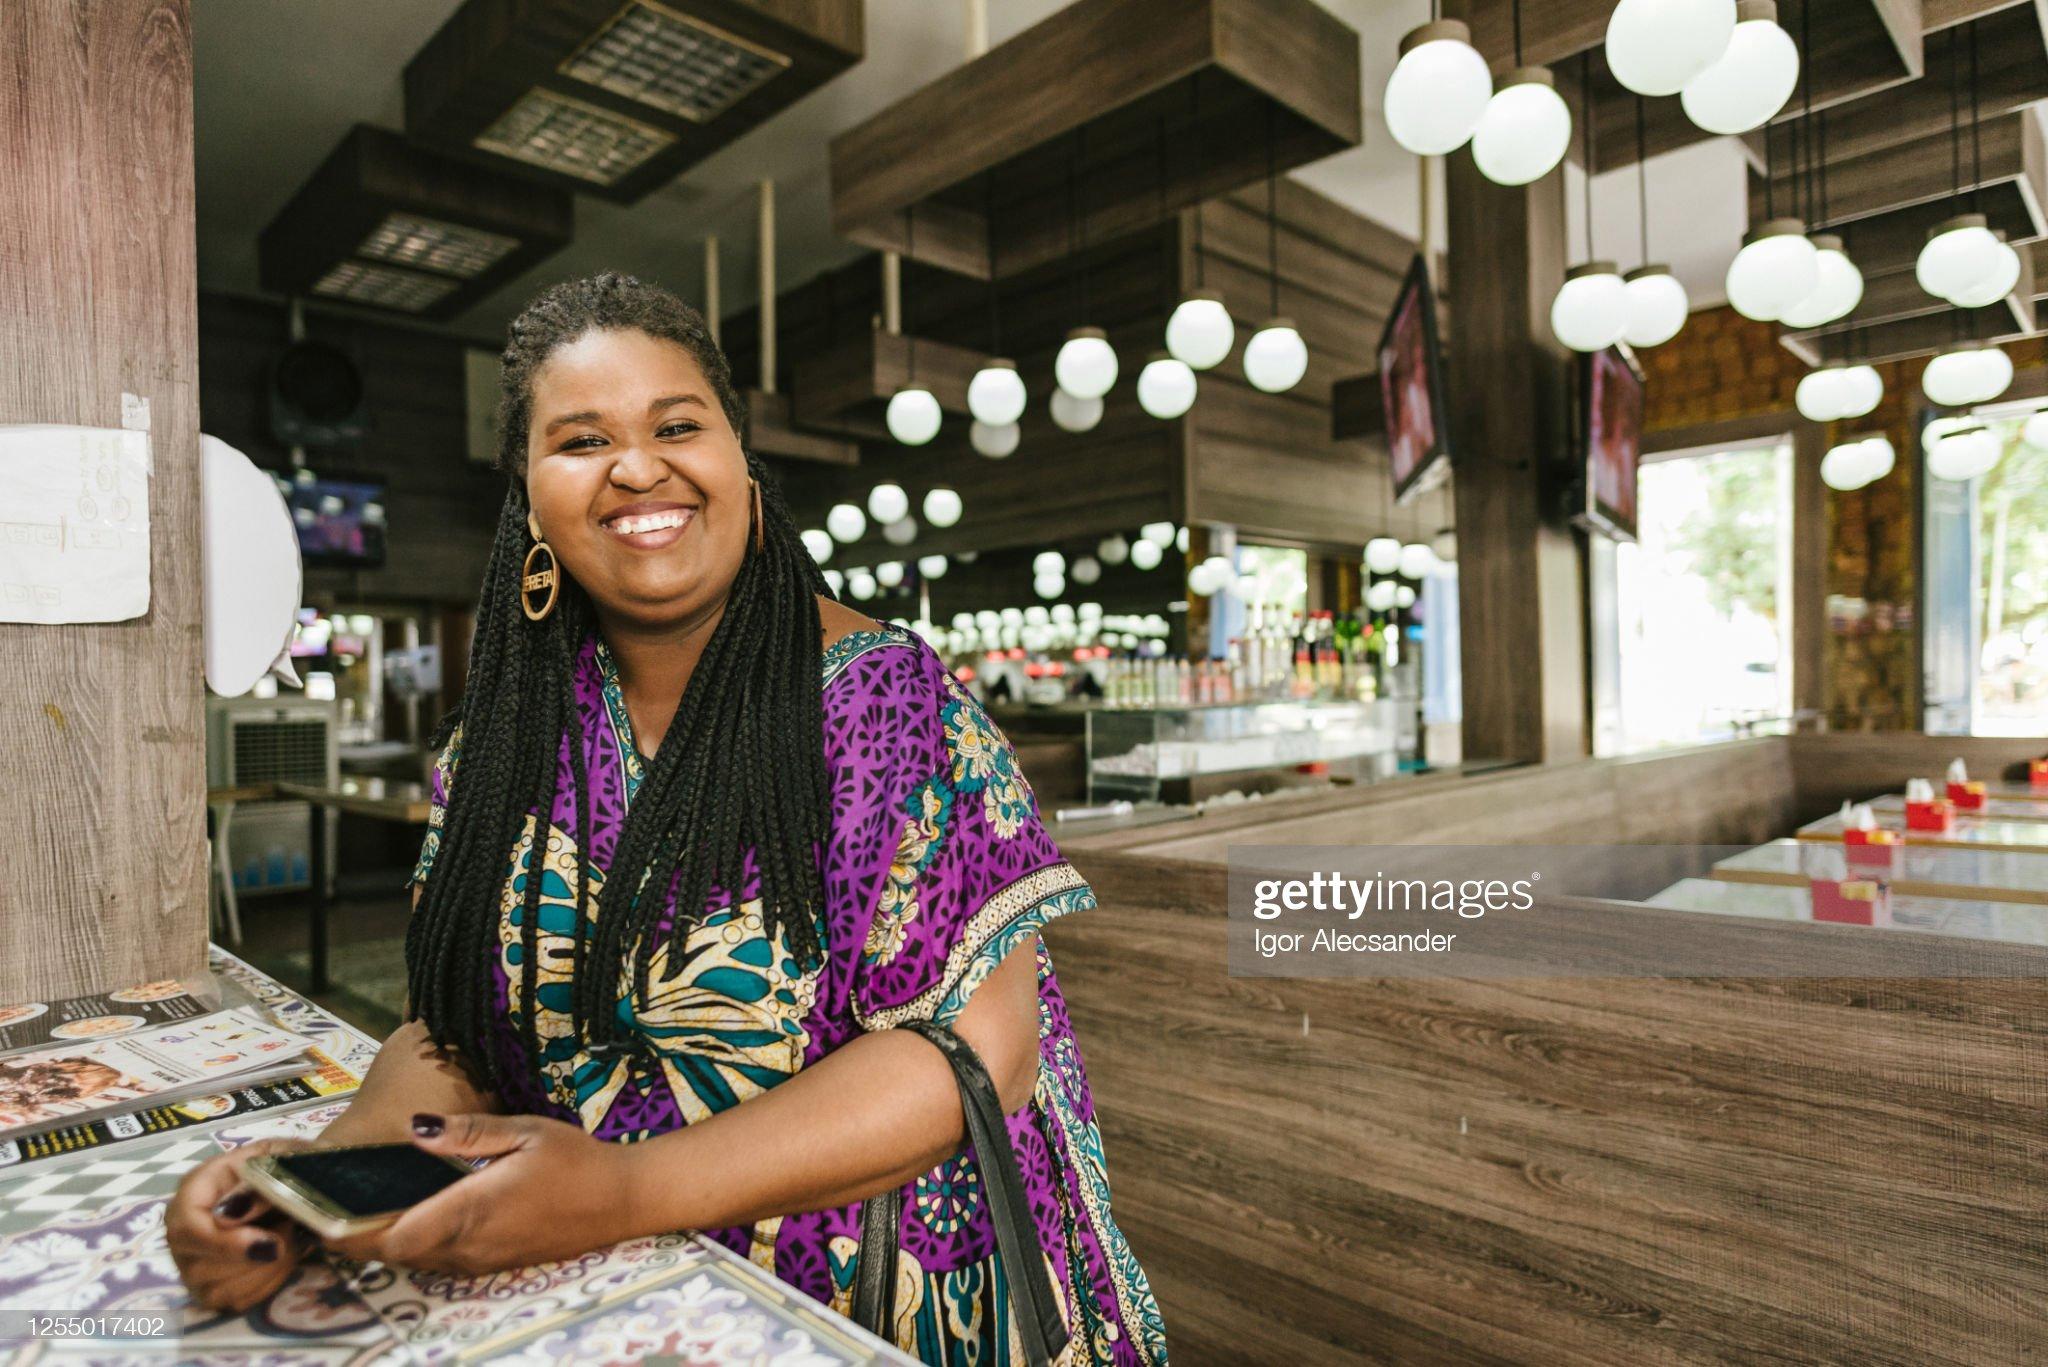 餐廳櫃檯上一個微笑的女人的肖像 : 圖庫照片